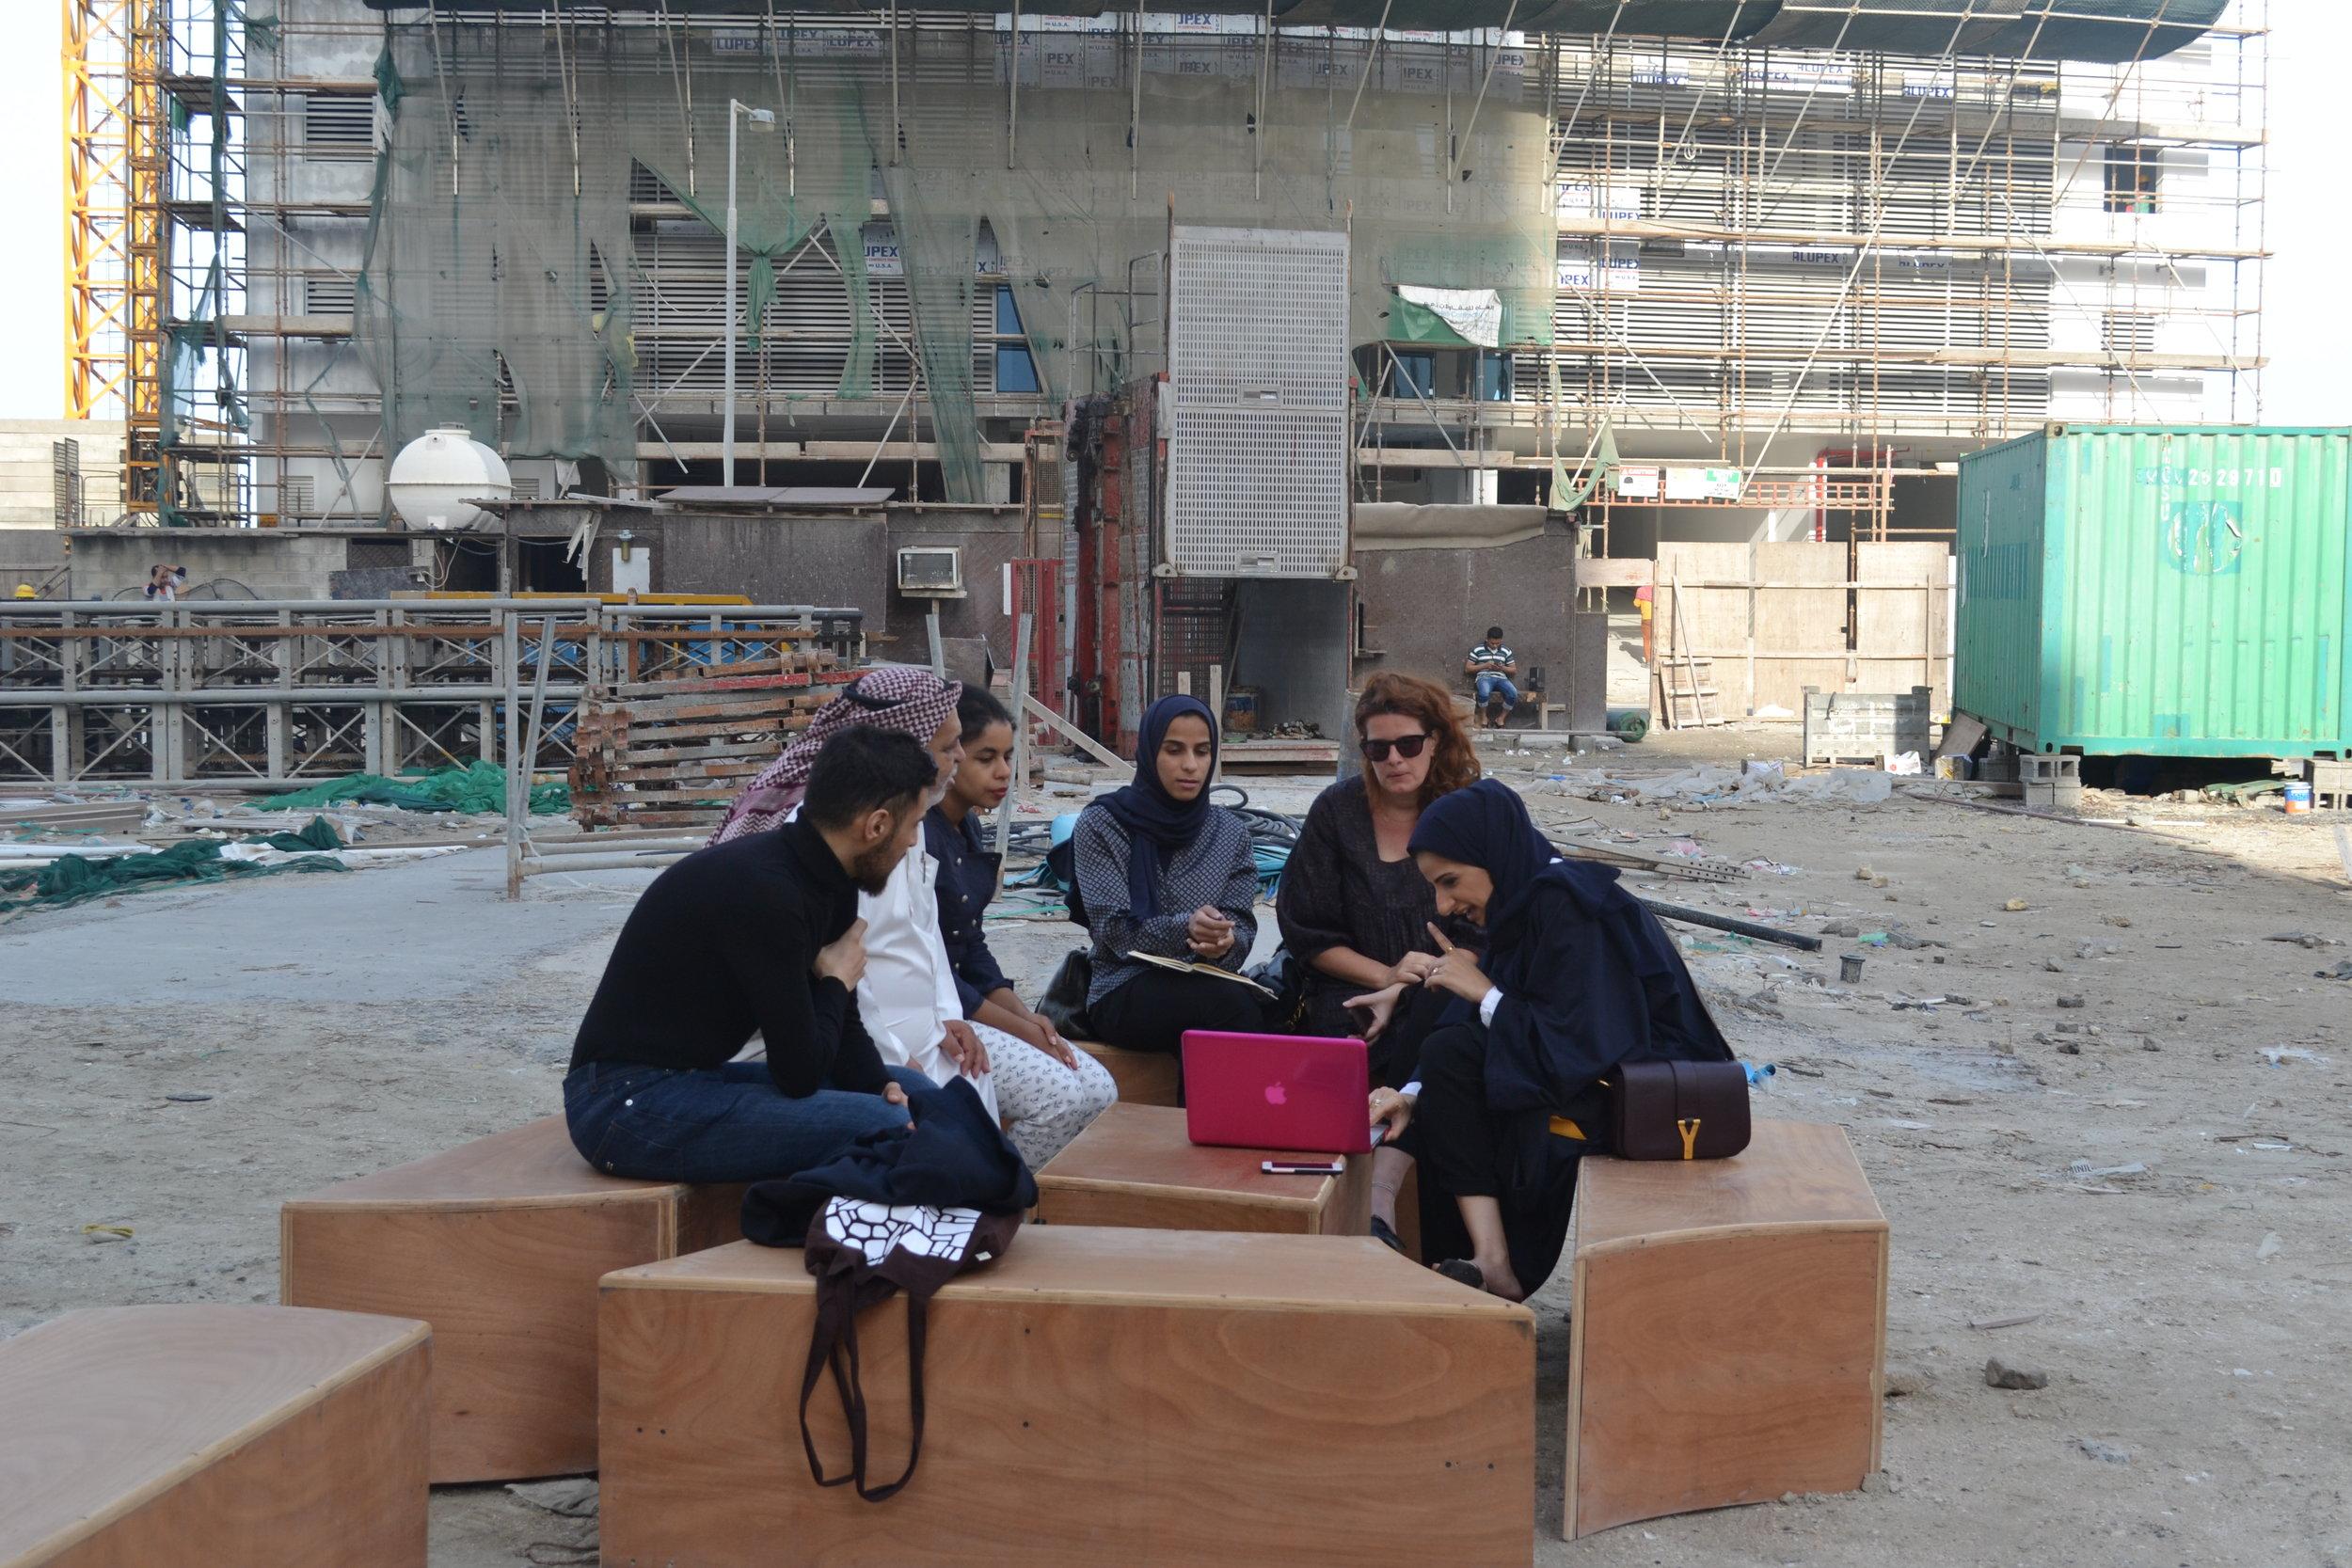 The Qatar Digital Library